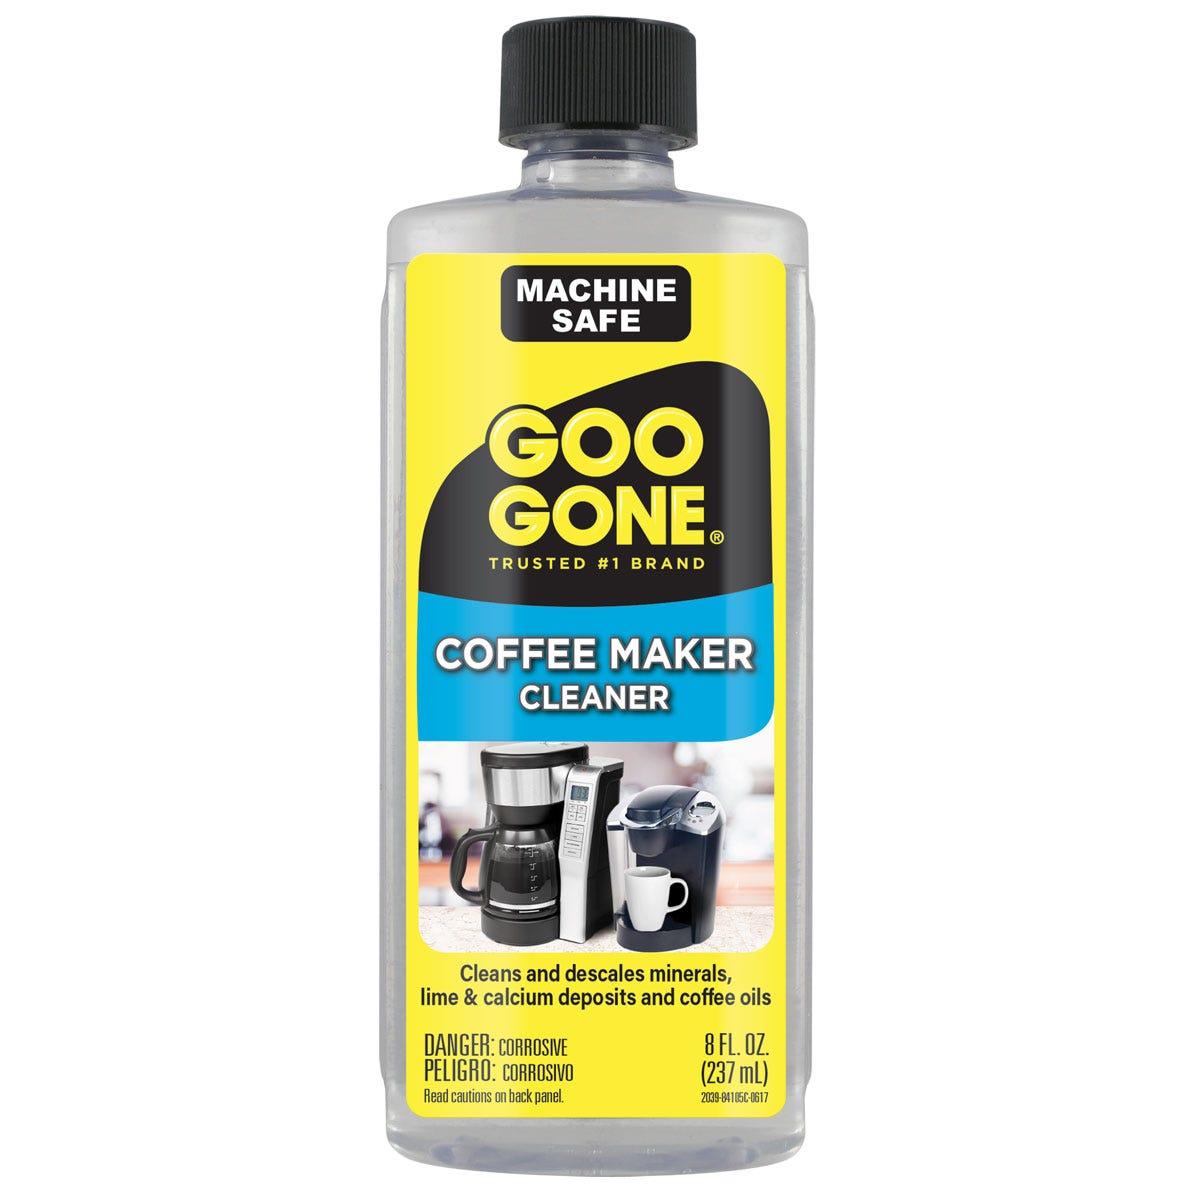 https://googone.com/media/catalog/product/g/o/goo-gone-coffee-maker-cleaner_front.jpg